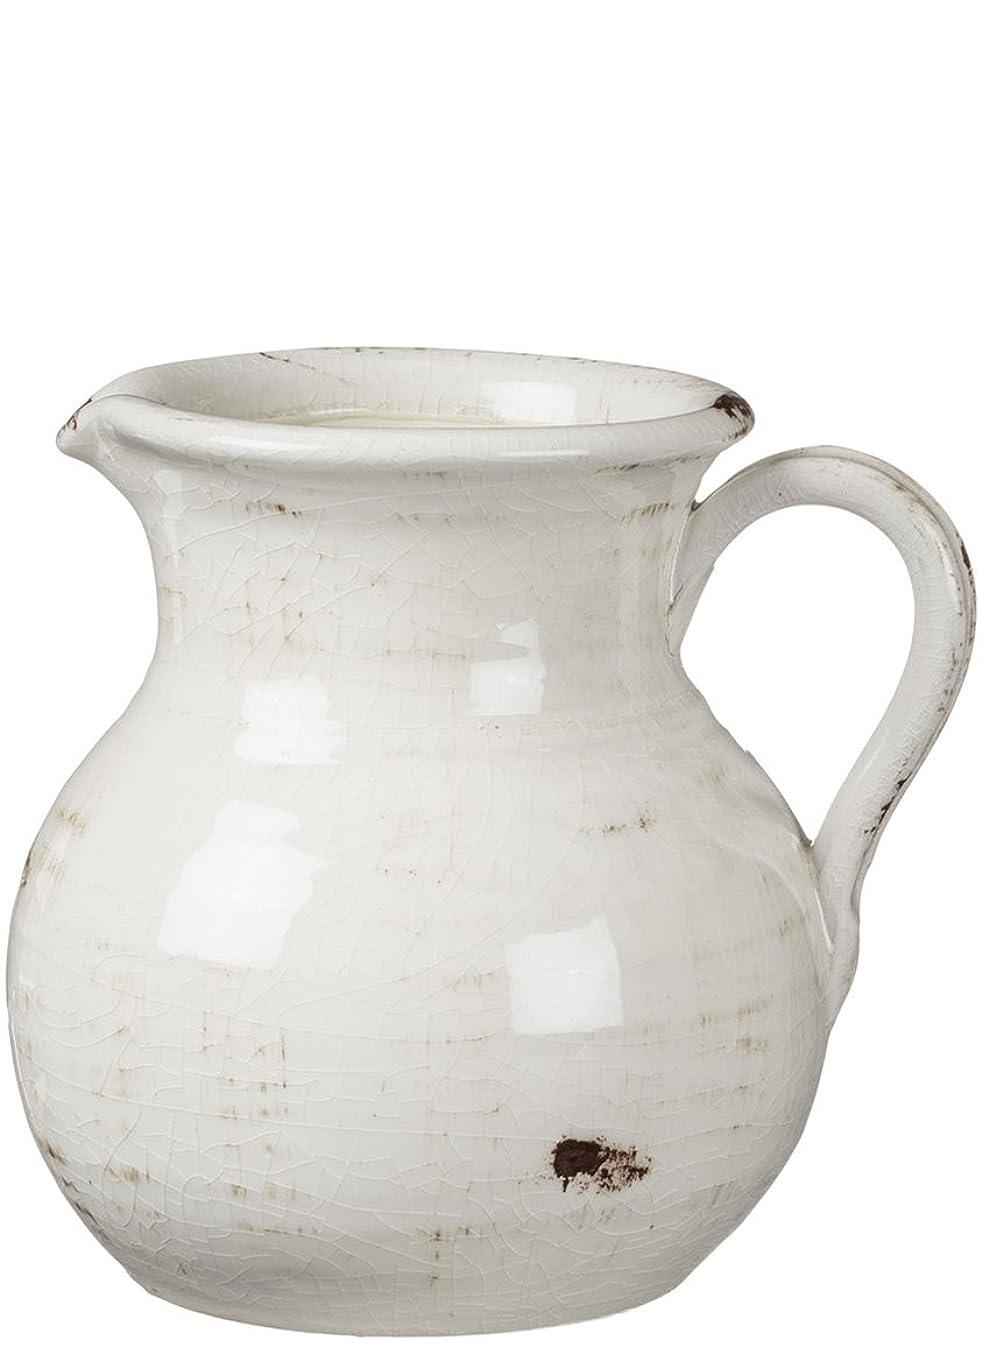 Sullivans Ceramic Vase, 8 x 9 Inches, Distressed White (CM2515)